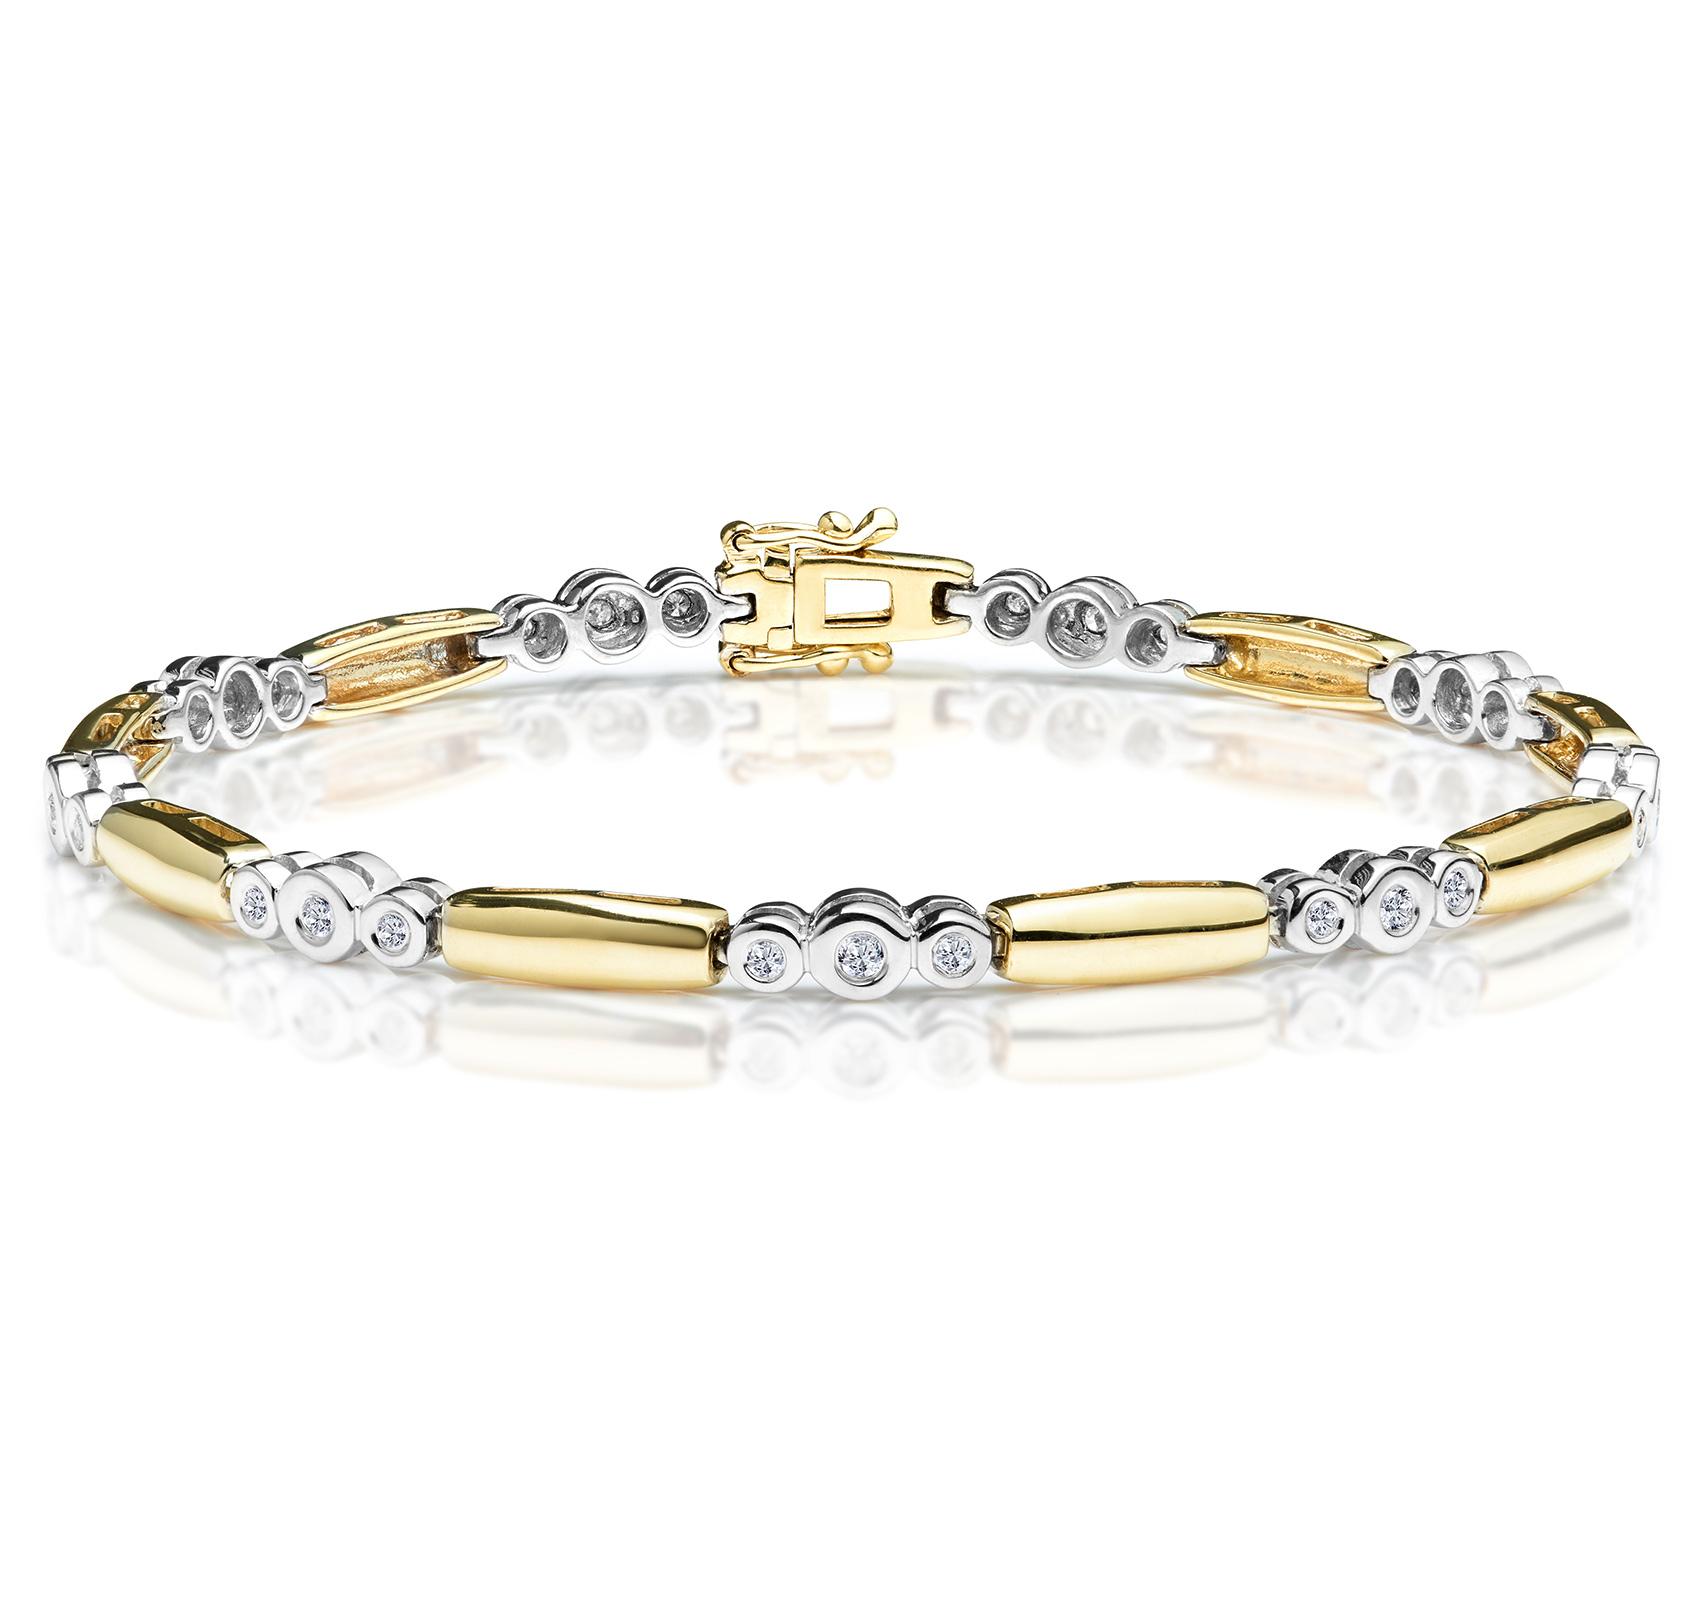 1/4 CARAT DIAMOND RUBOVER BRACELET IN 9K GOLD